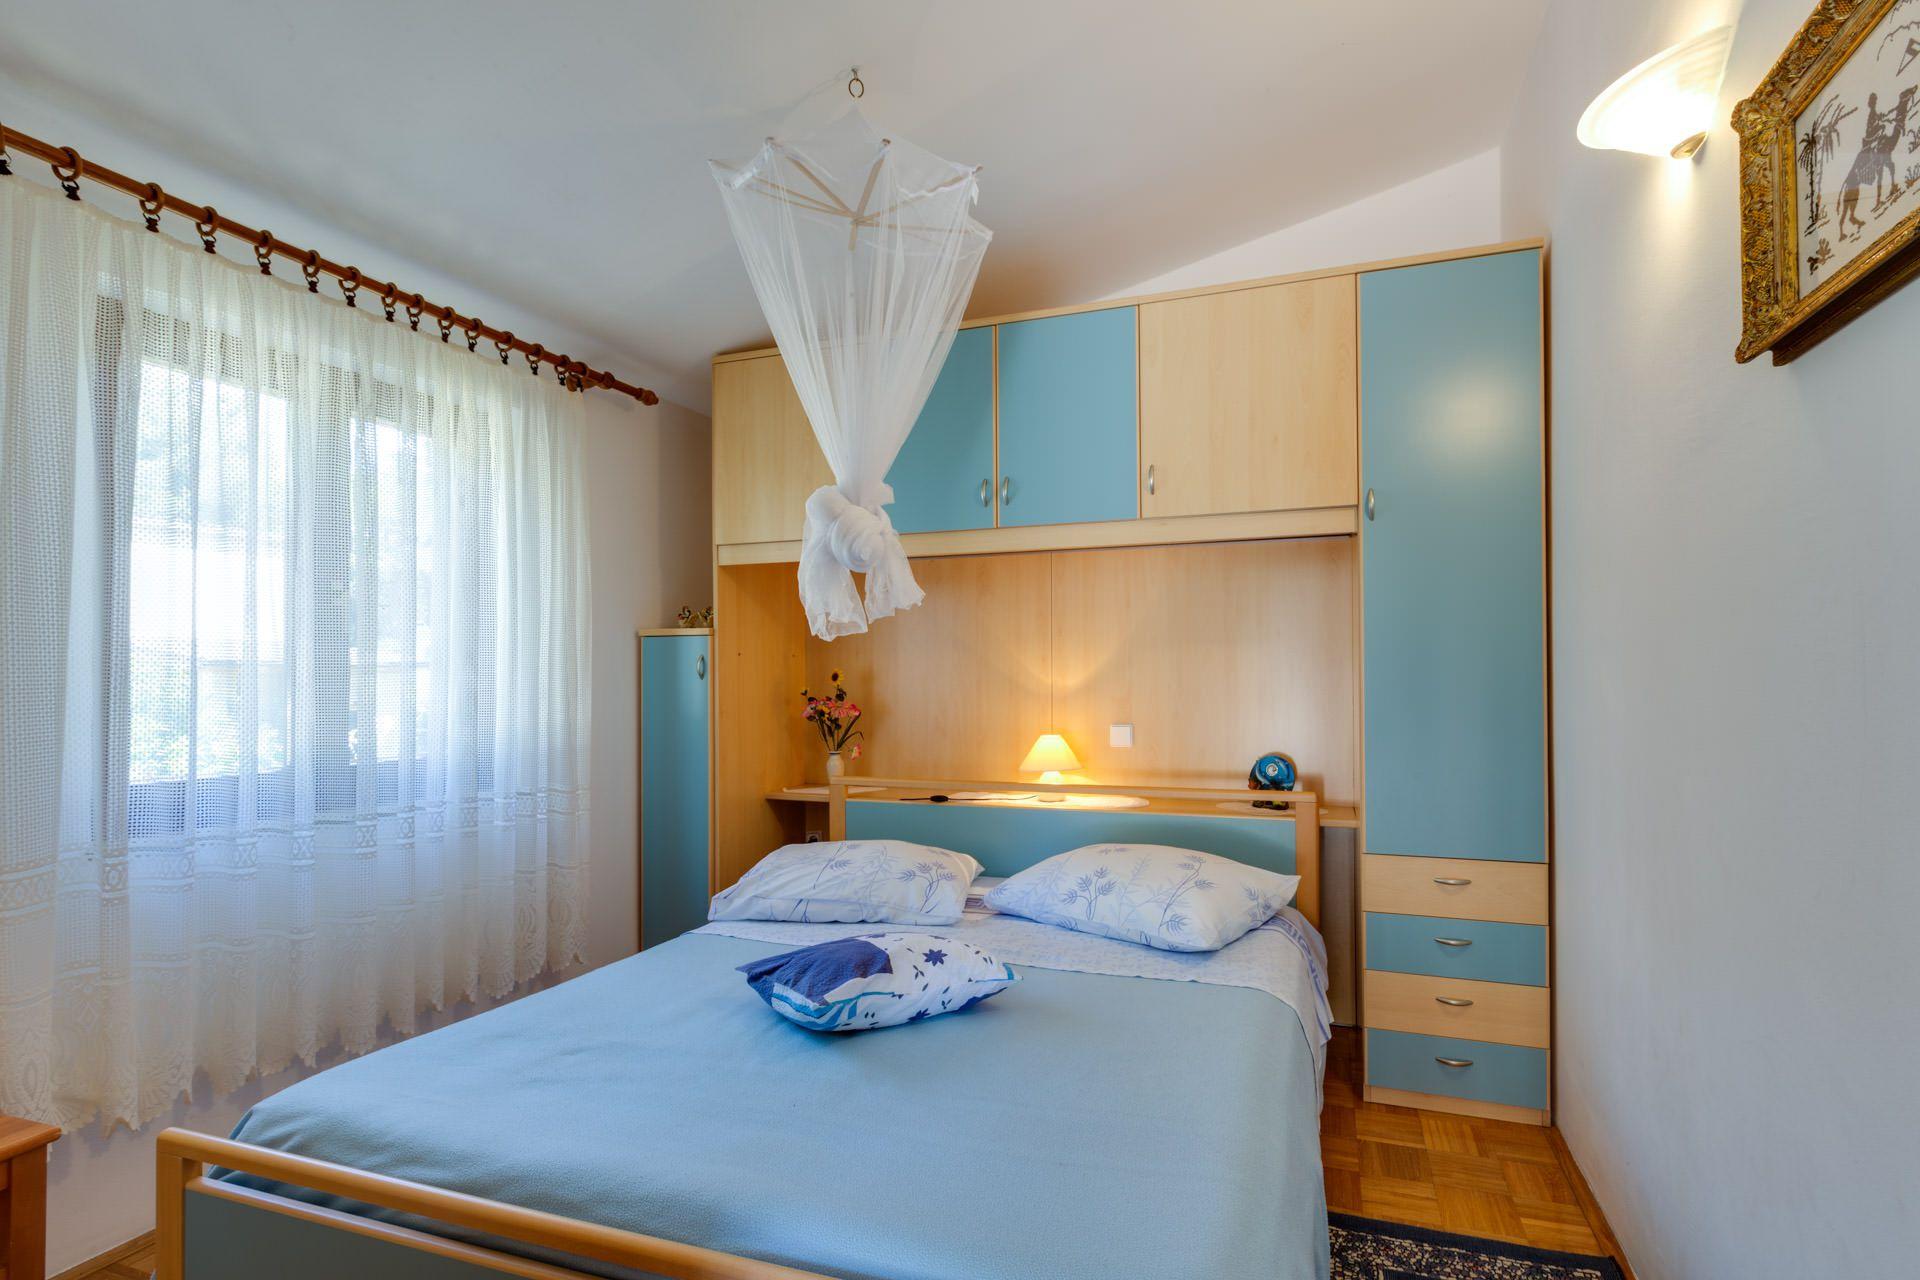 Artatore lussino appartamento 4 persone vacanze estive 1 for 2 appartamenti della camera da letto principale